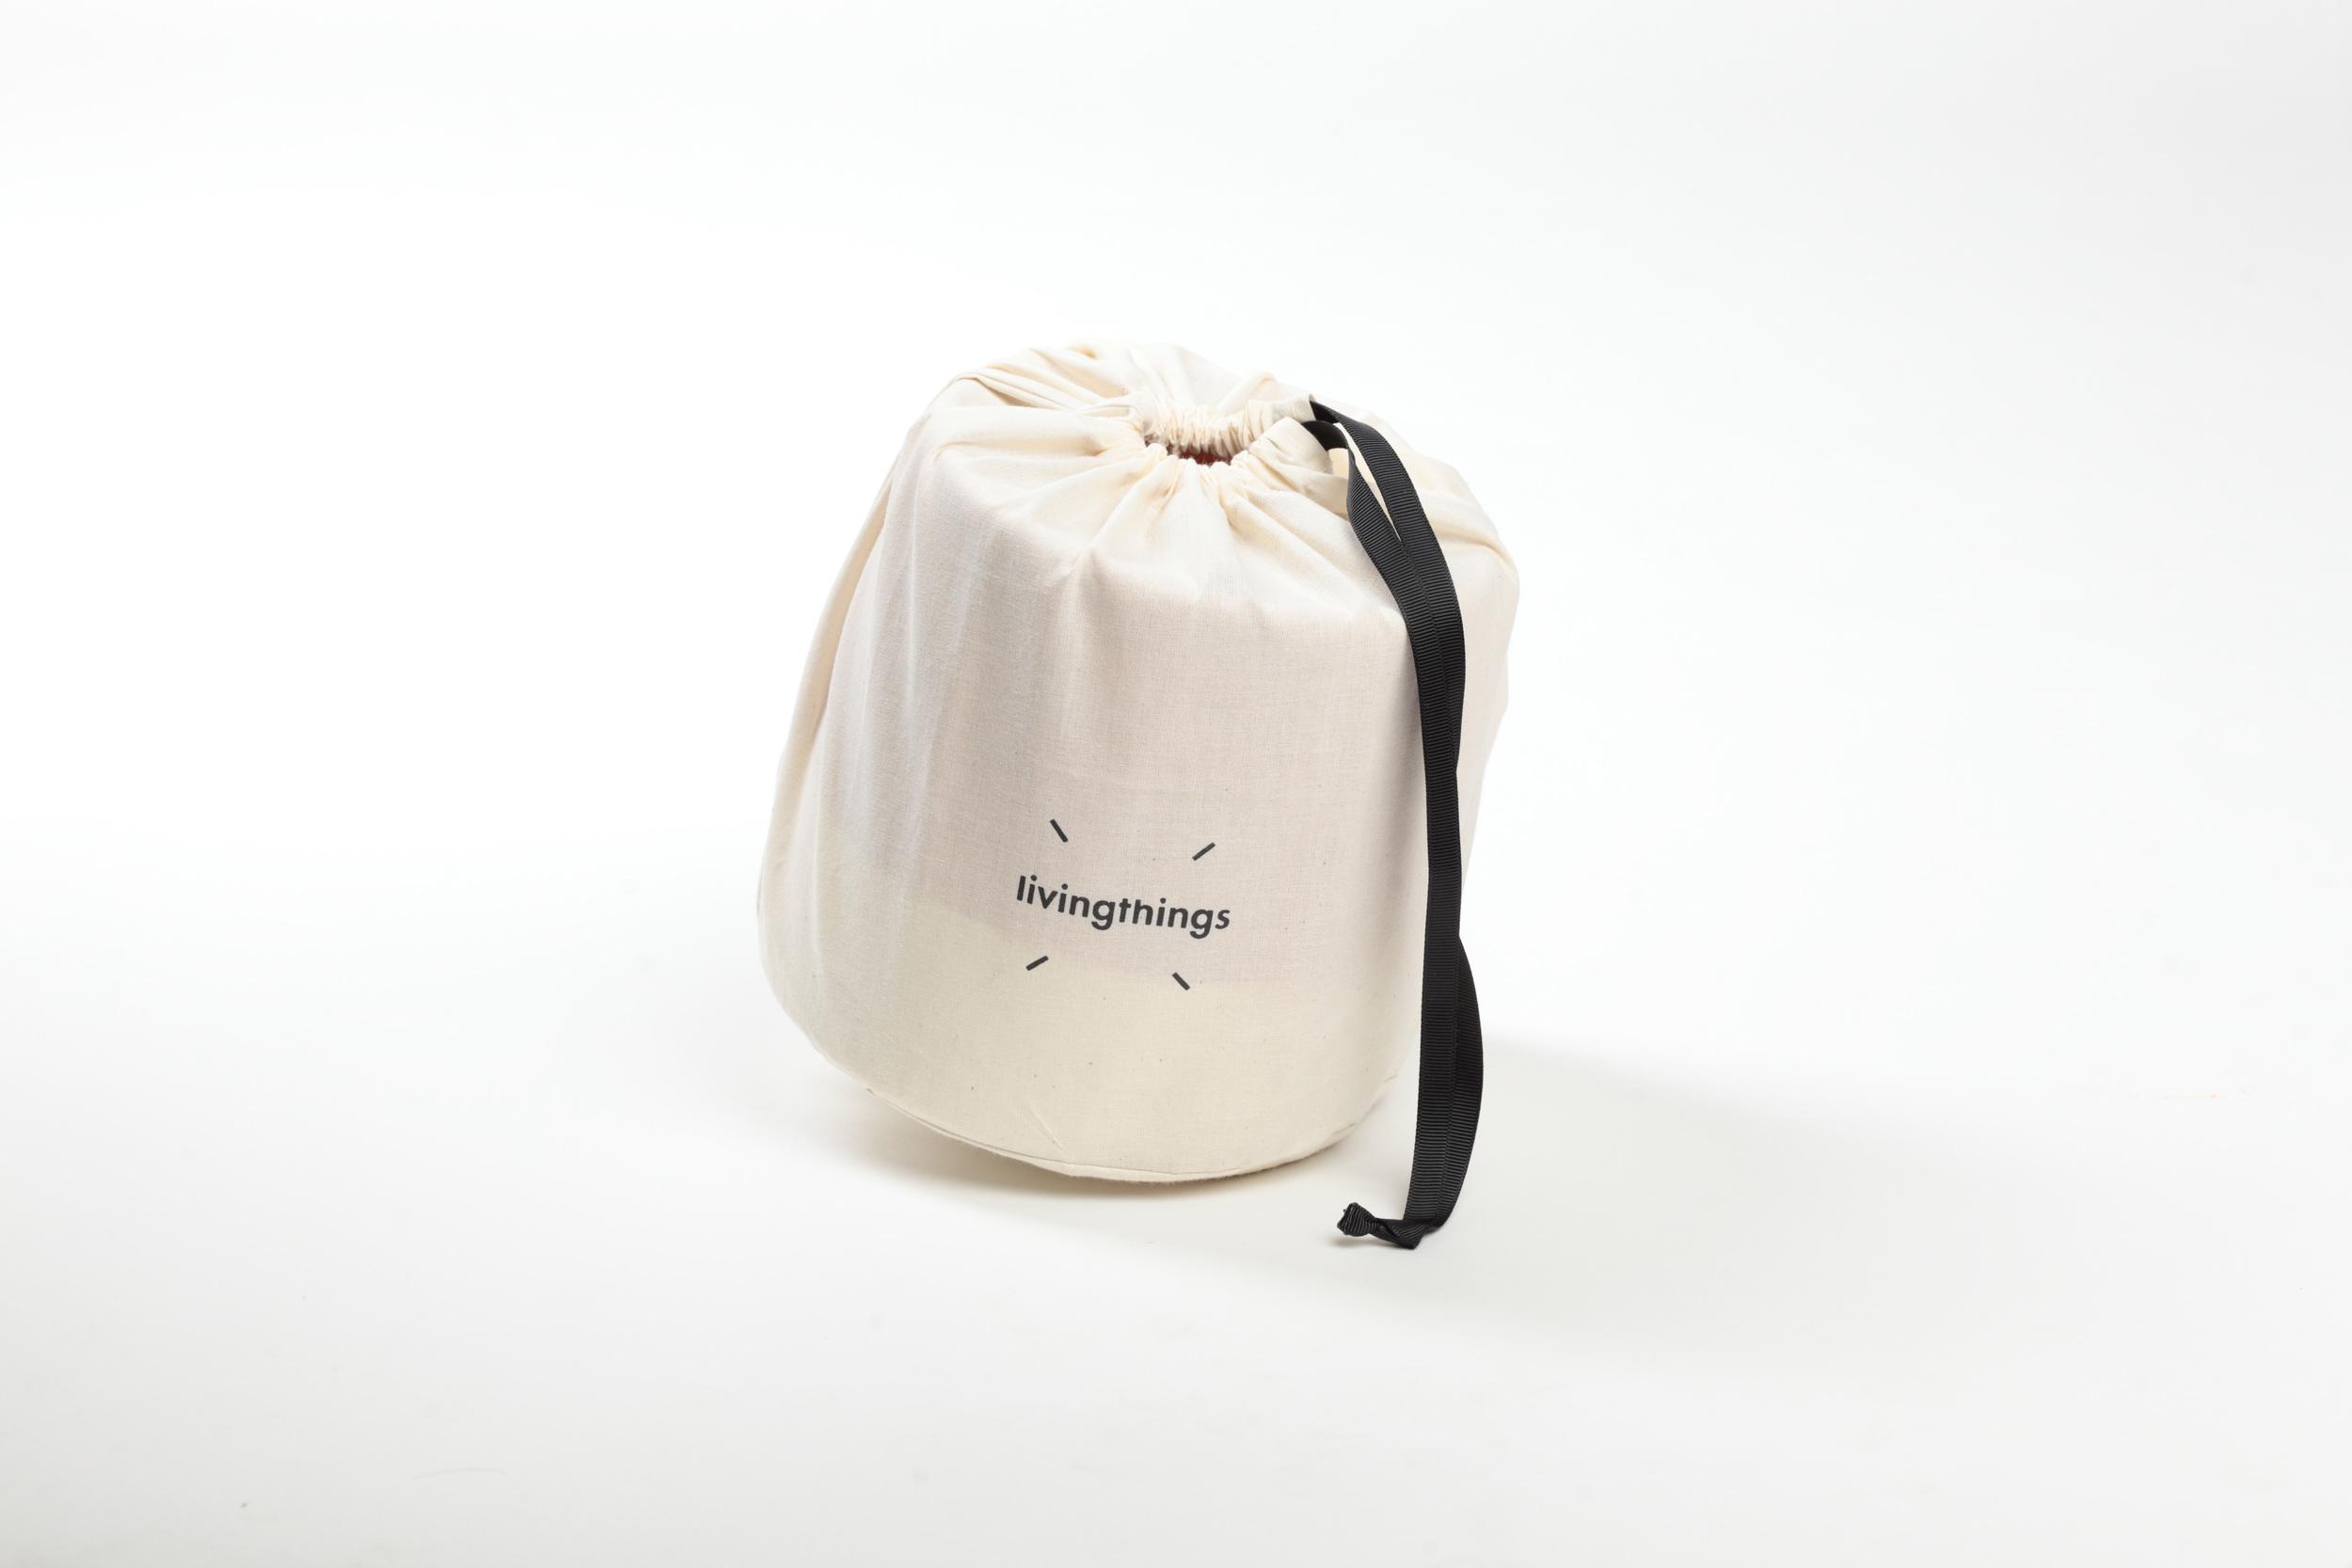 Alle krukkene kommer i en egen stoffpose som gjør den enkel å ta med seg - og veldig fine vennegaver. Bare stikk innom matbutikken på vei til fest og putt en urteplante eller en pose sjokolade oppi!